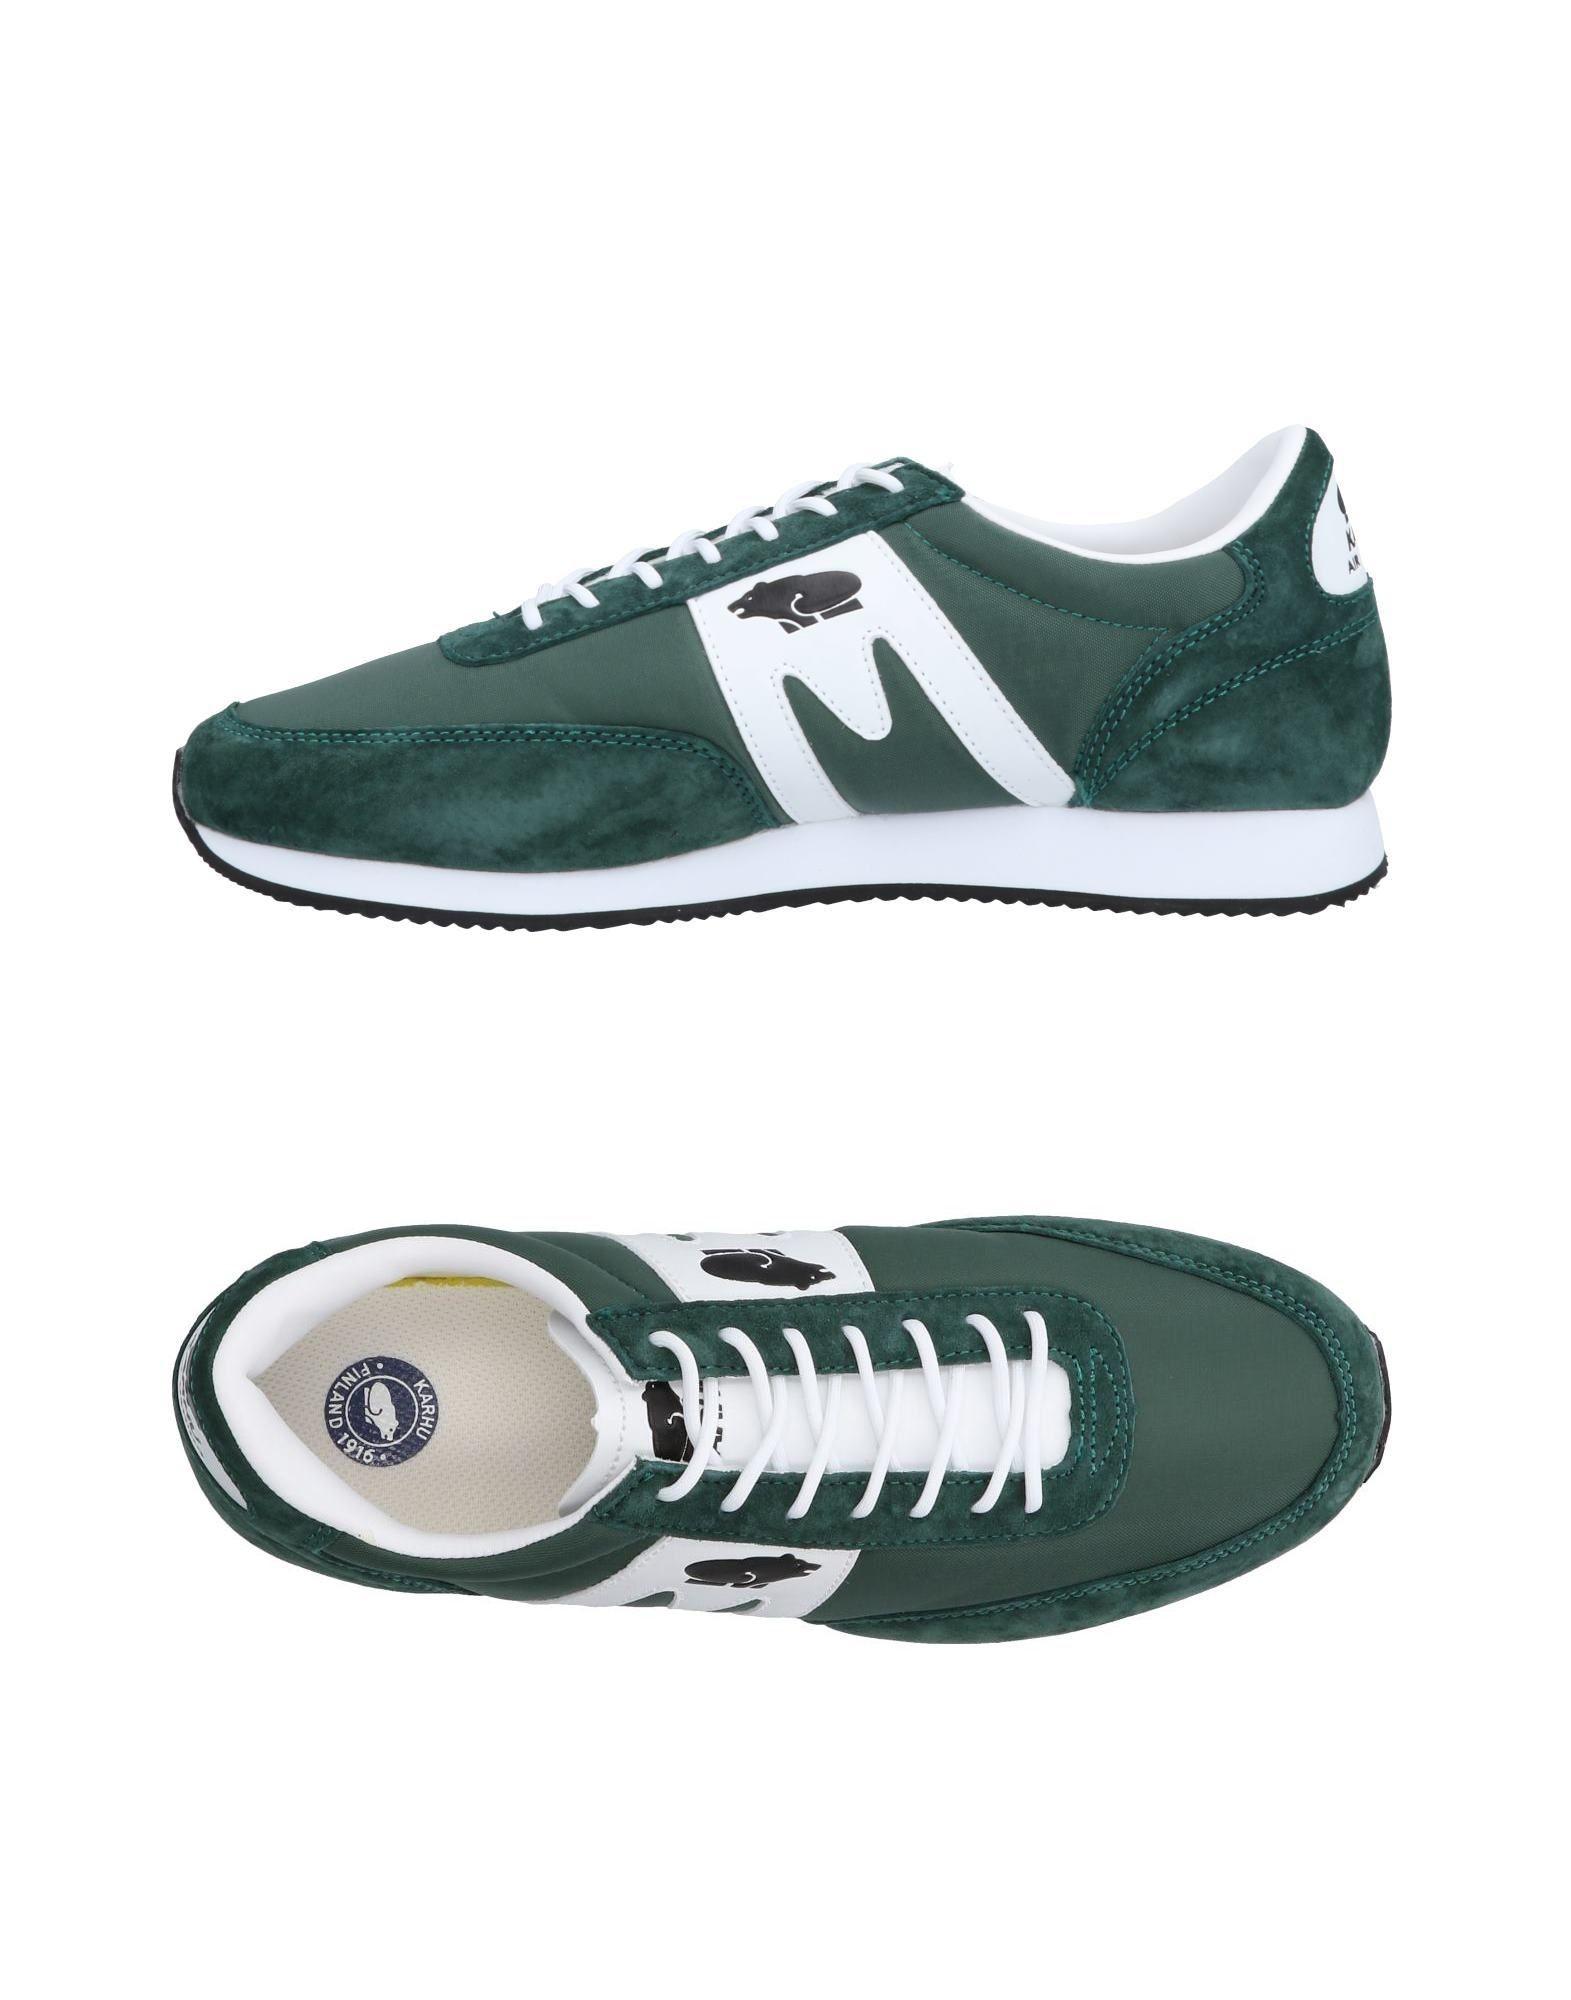 Scarpe economiche e resistenti Sneakers Karhu Uomo - 11498047QI